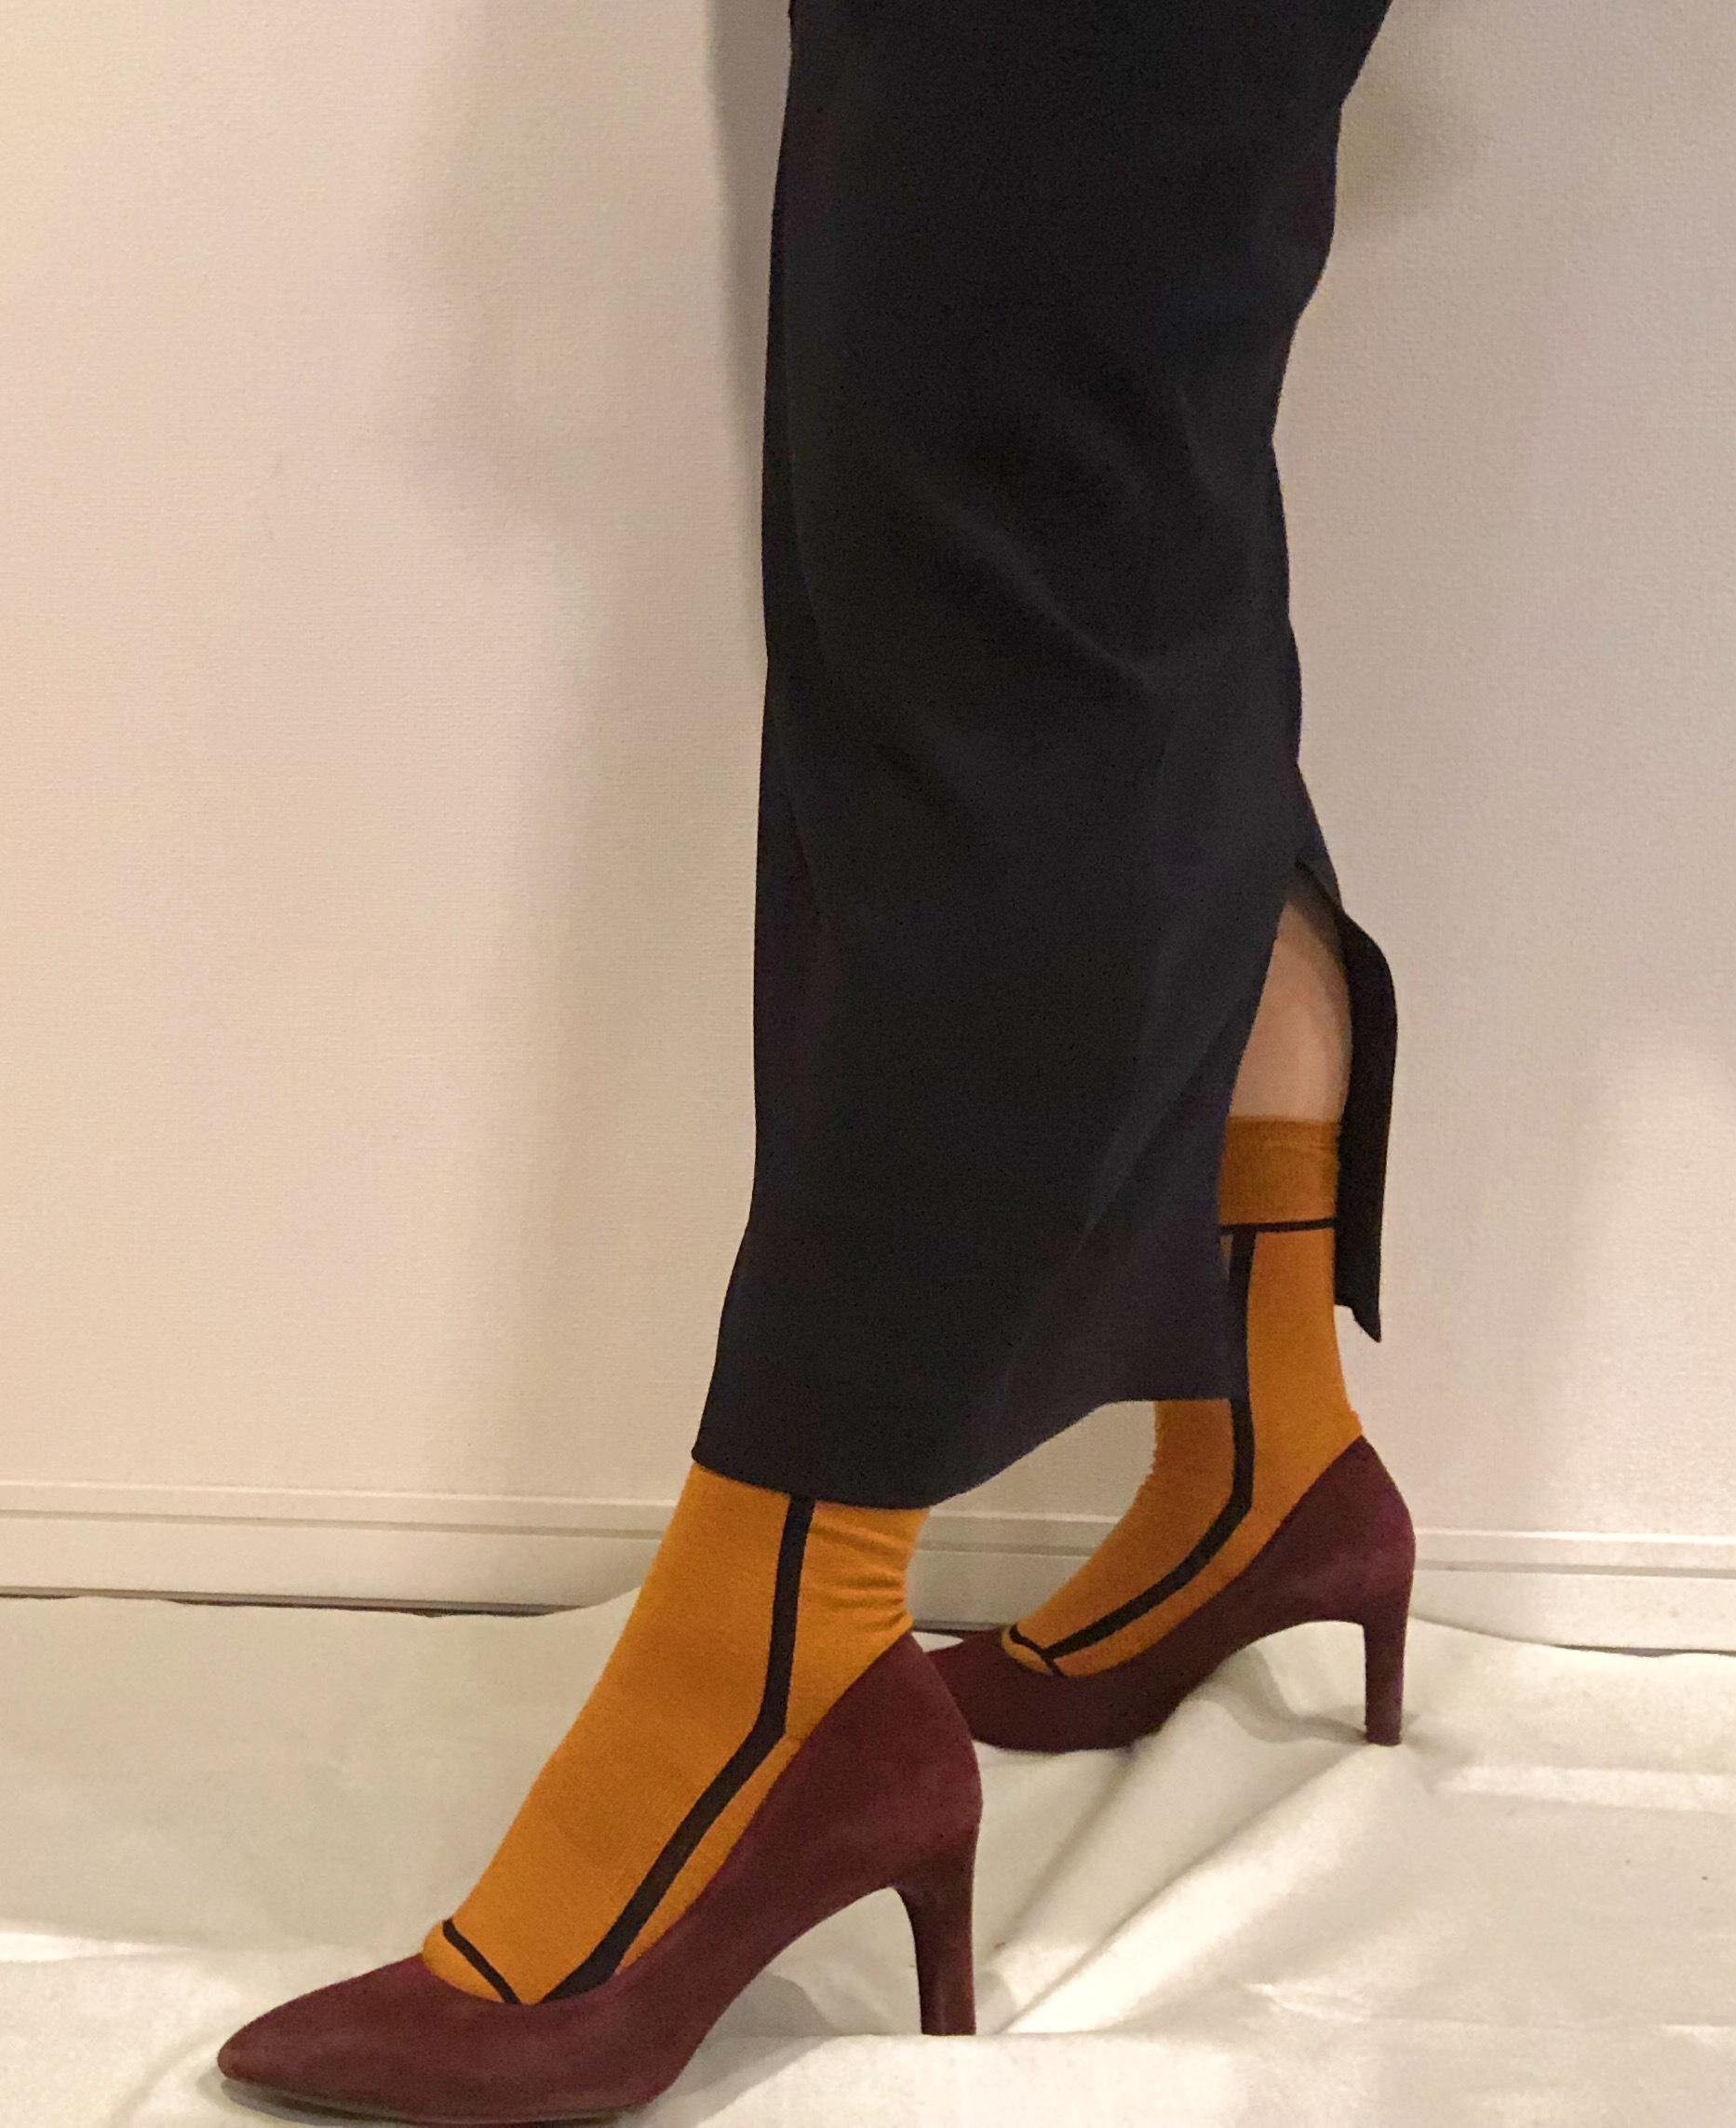 chicstocksのオシャレ靴下でコーディネートの幅が広がりました!_1_3